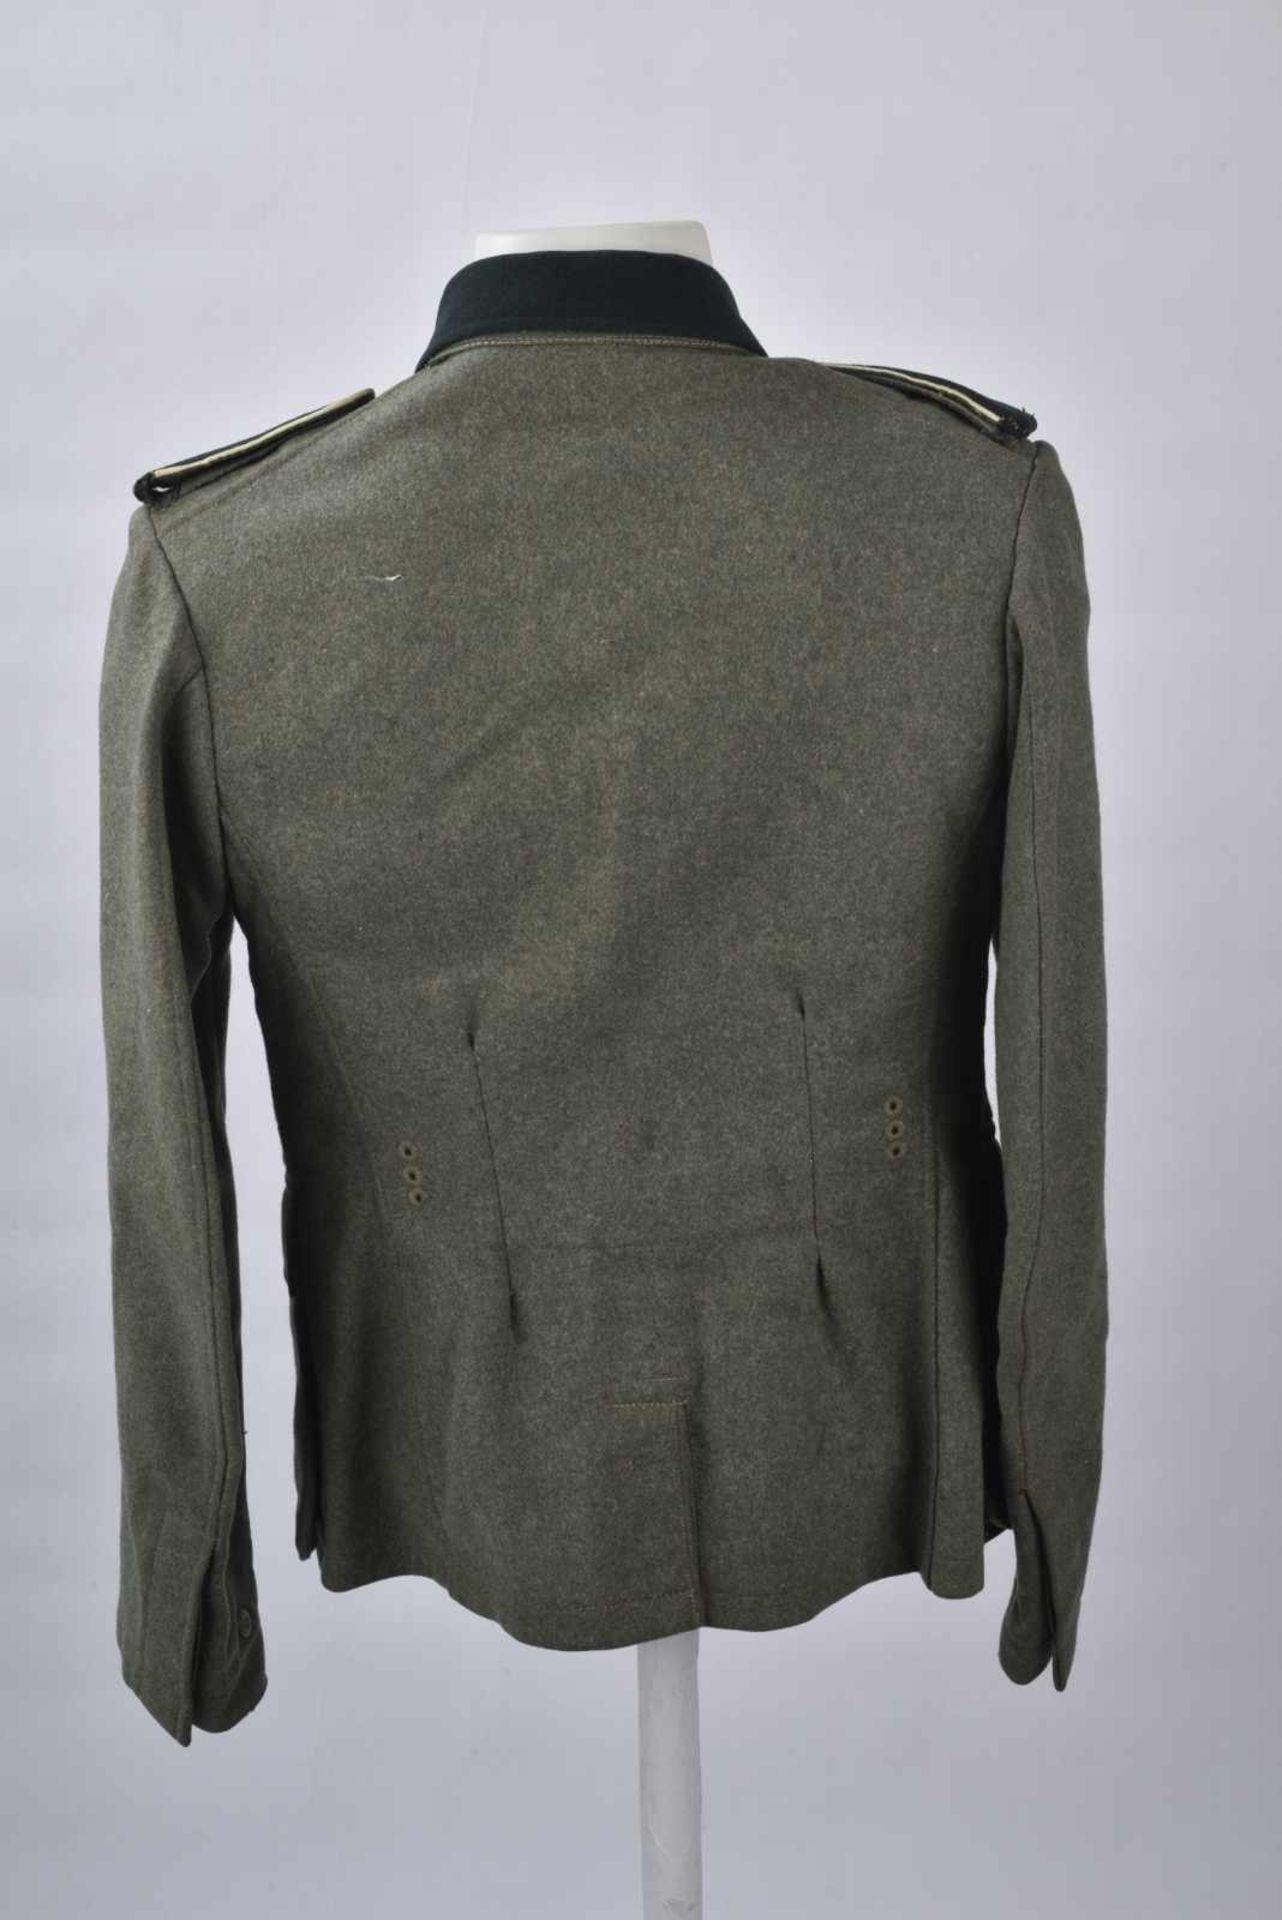 Vareuse troupe d'infanterie allemande. En drap de laine Feldgrau, tous les boutons sont présents. - Bild 4 aus 4